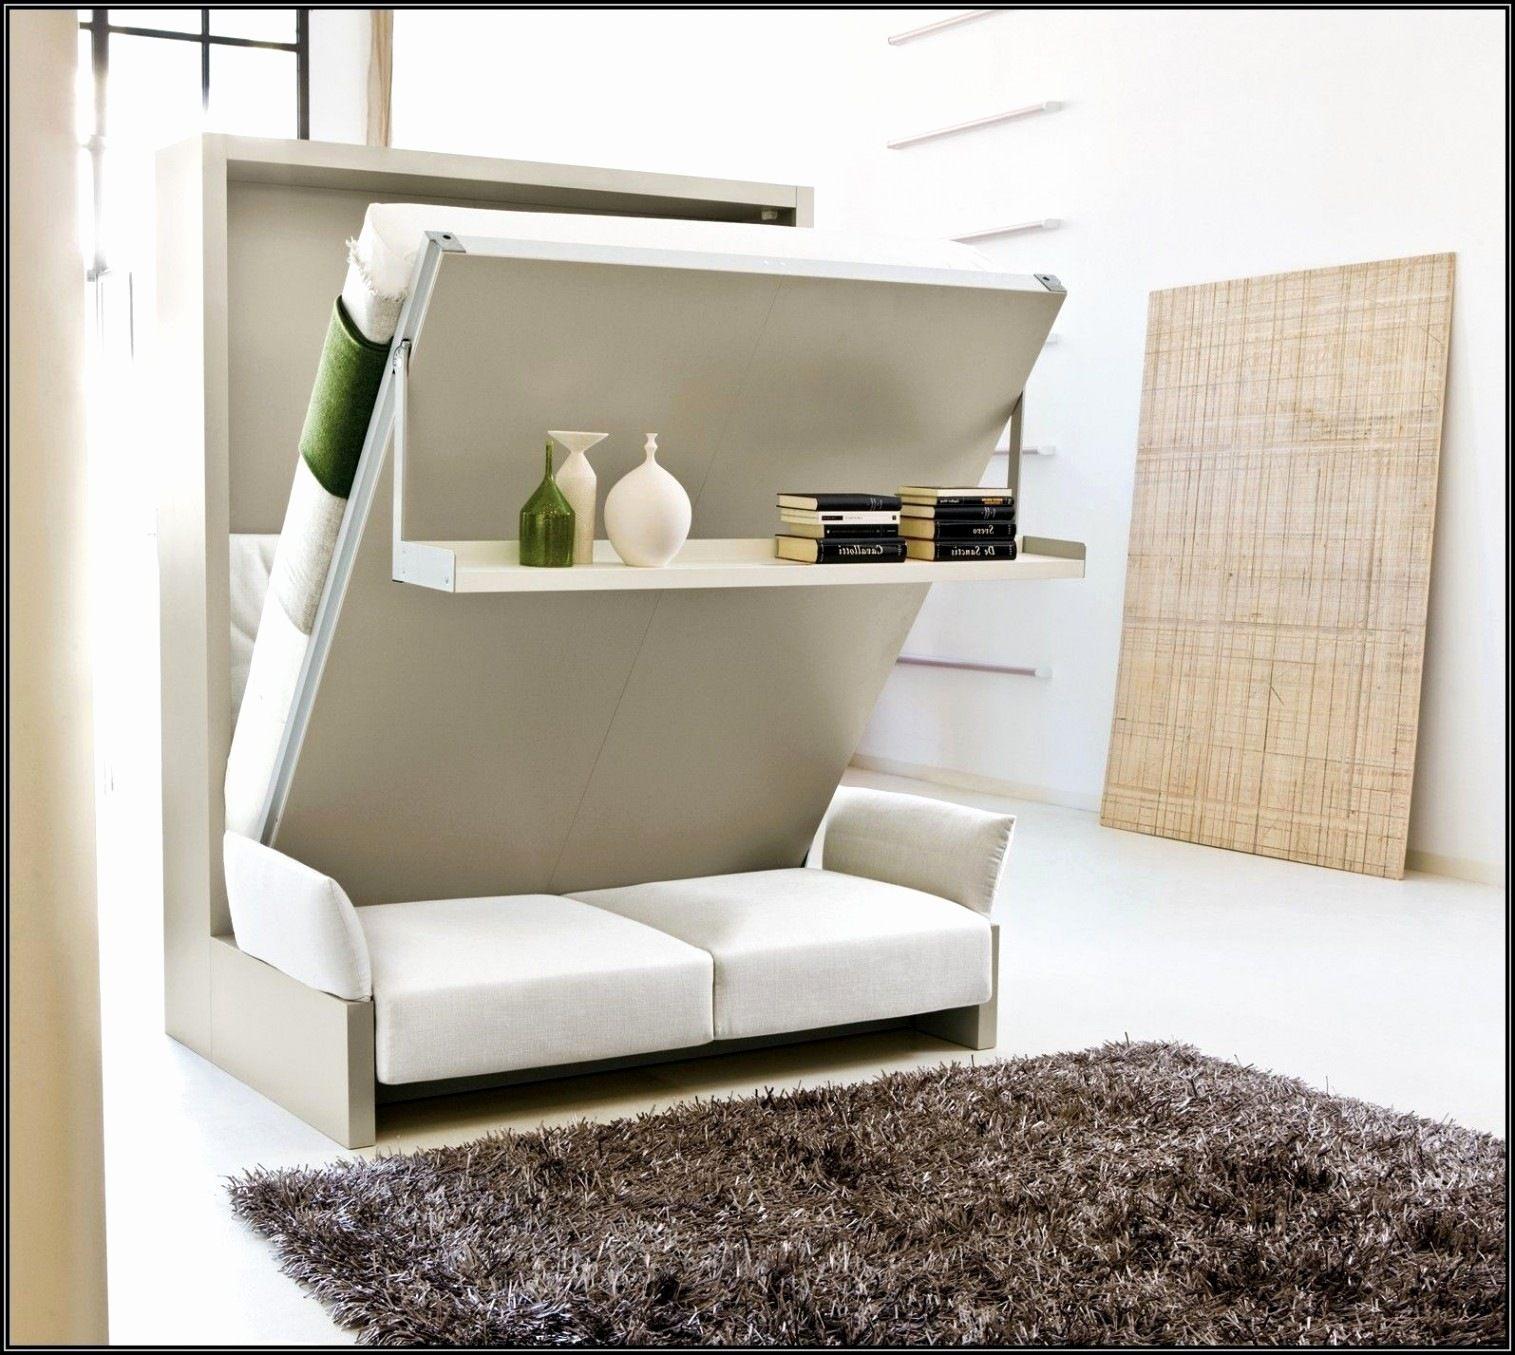 Matras 120—190 Unique Jugendbett 120—200 Ikea Frisch Lit 120 X 190